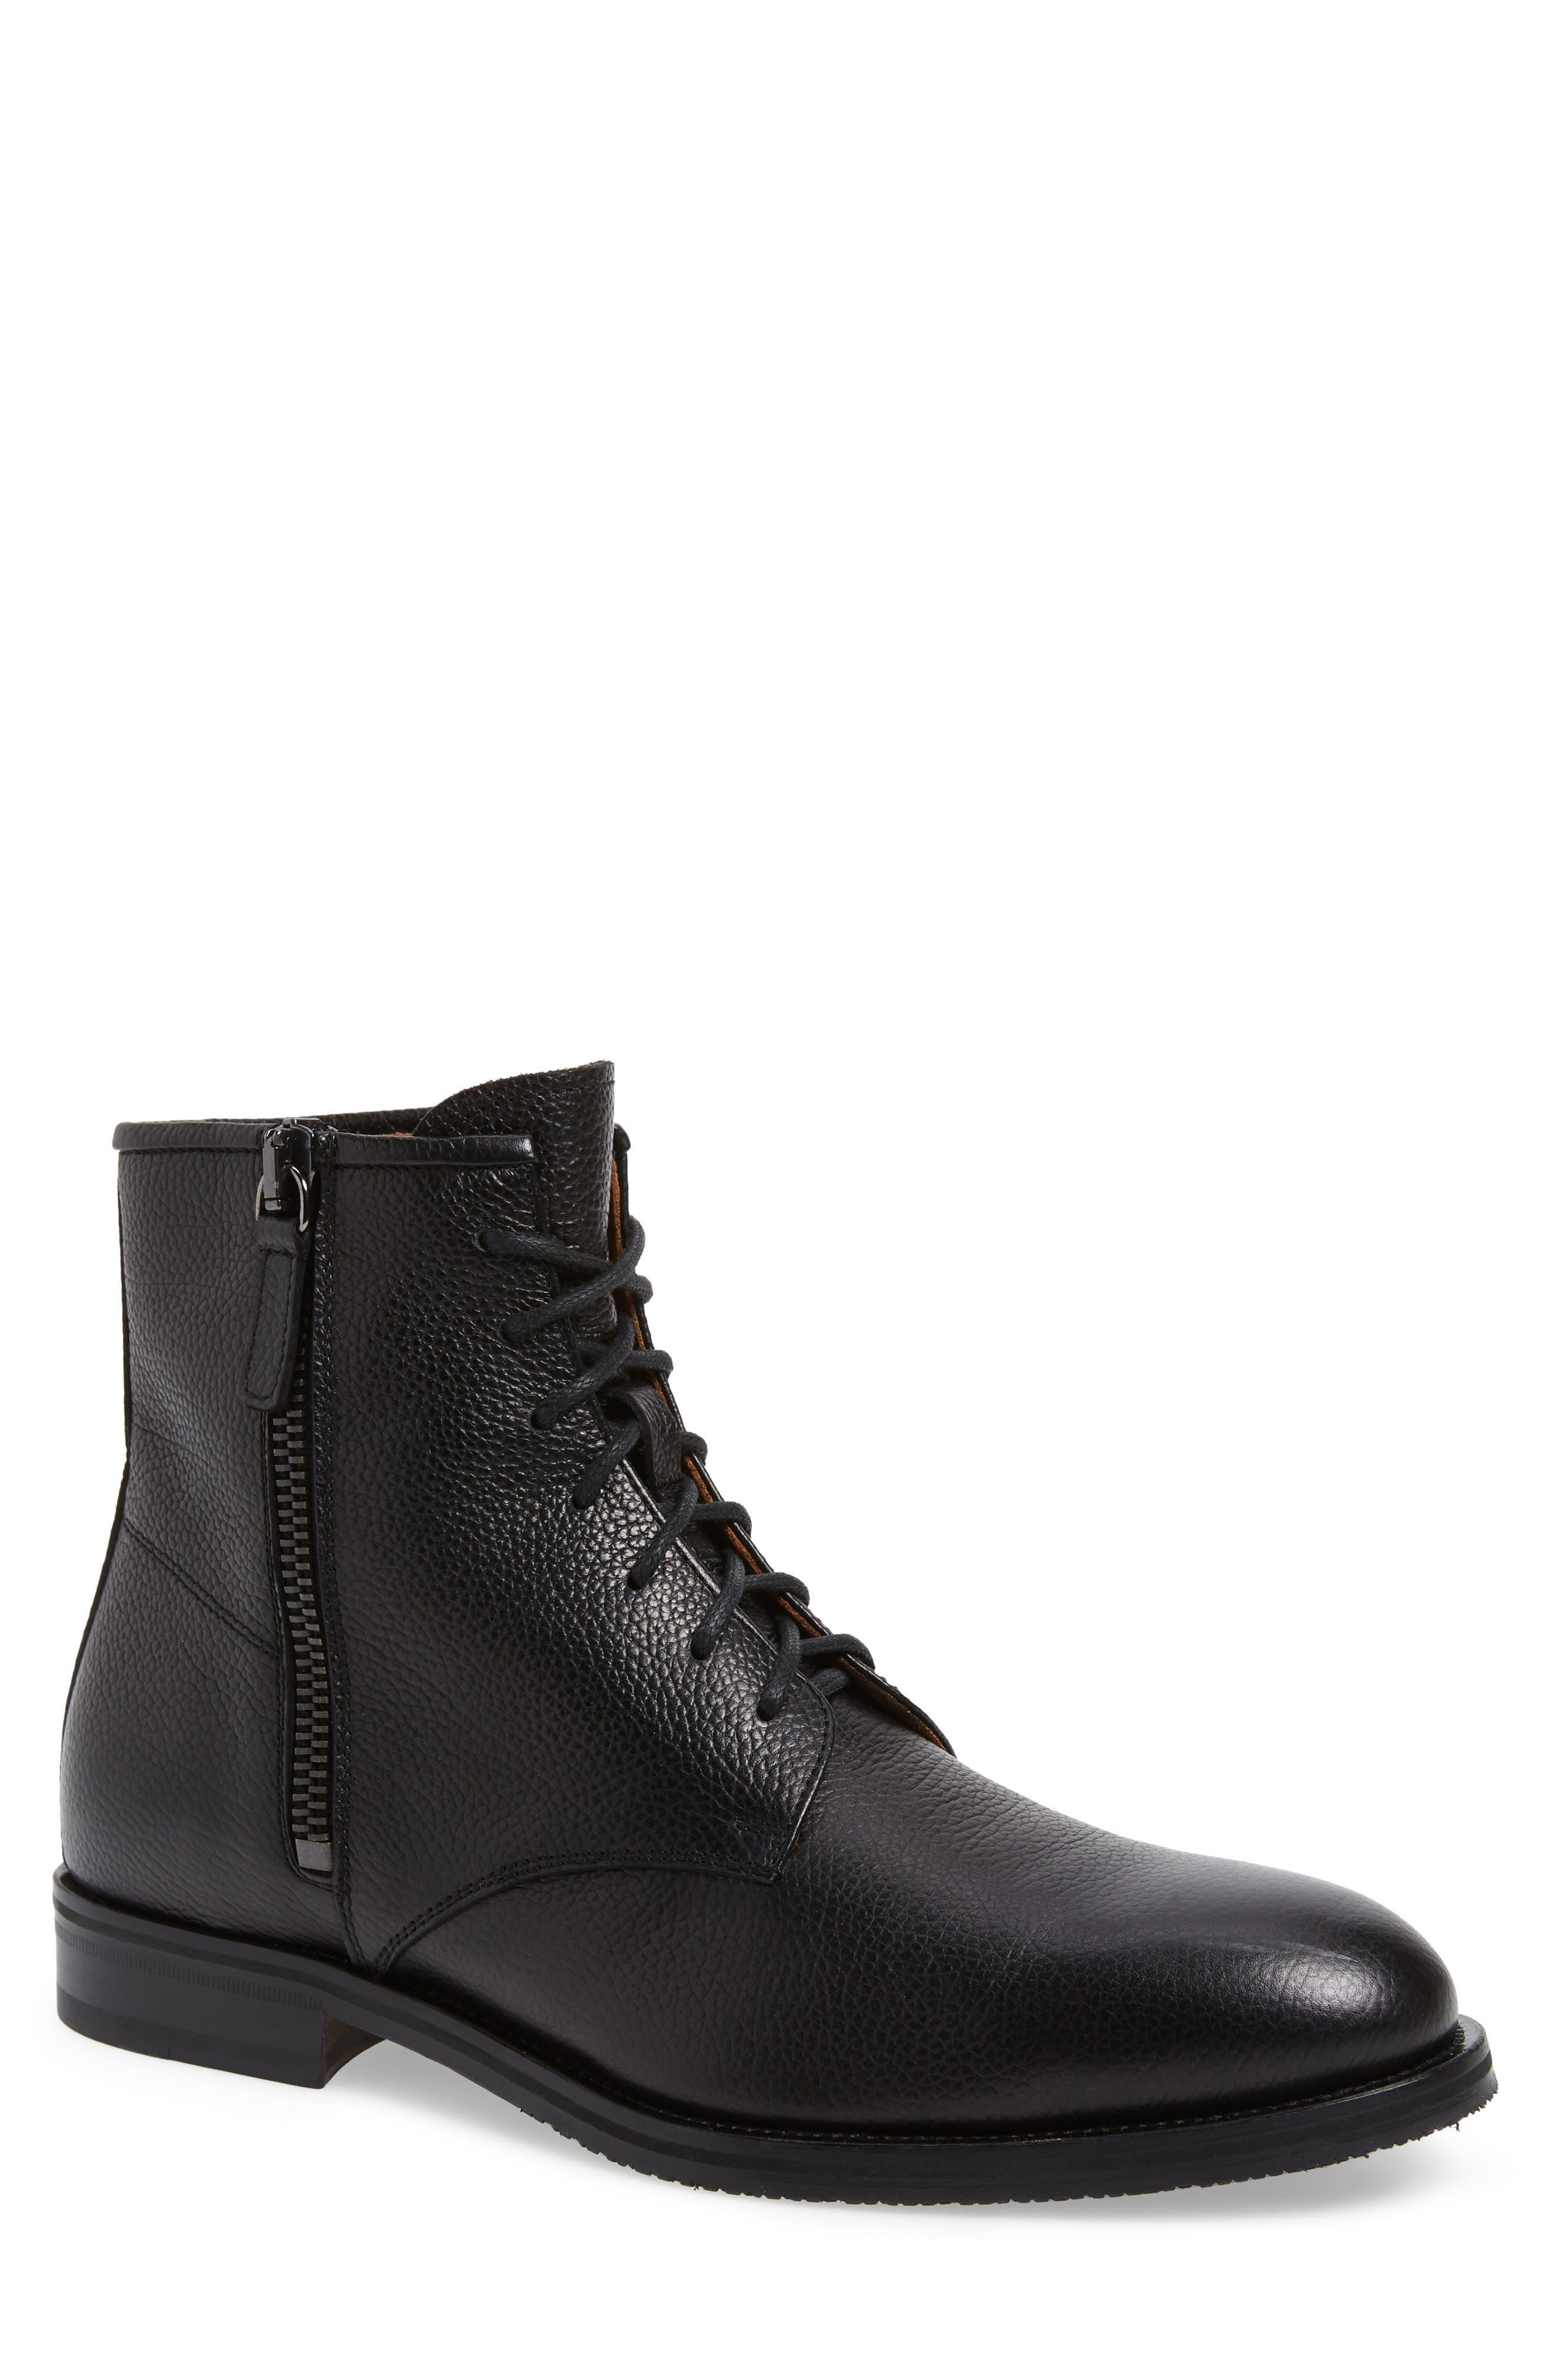 Aquatalia Vladimir Weatherproof Boot, Black